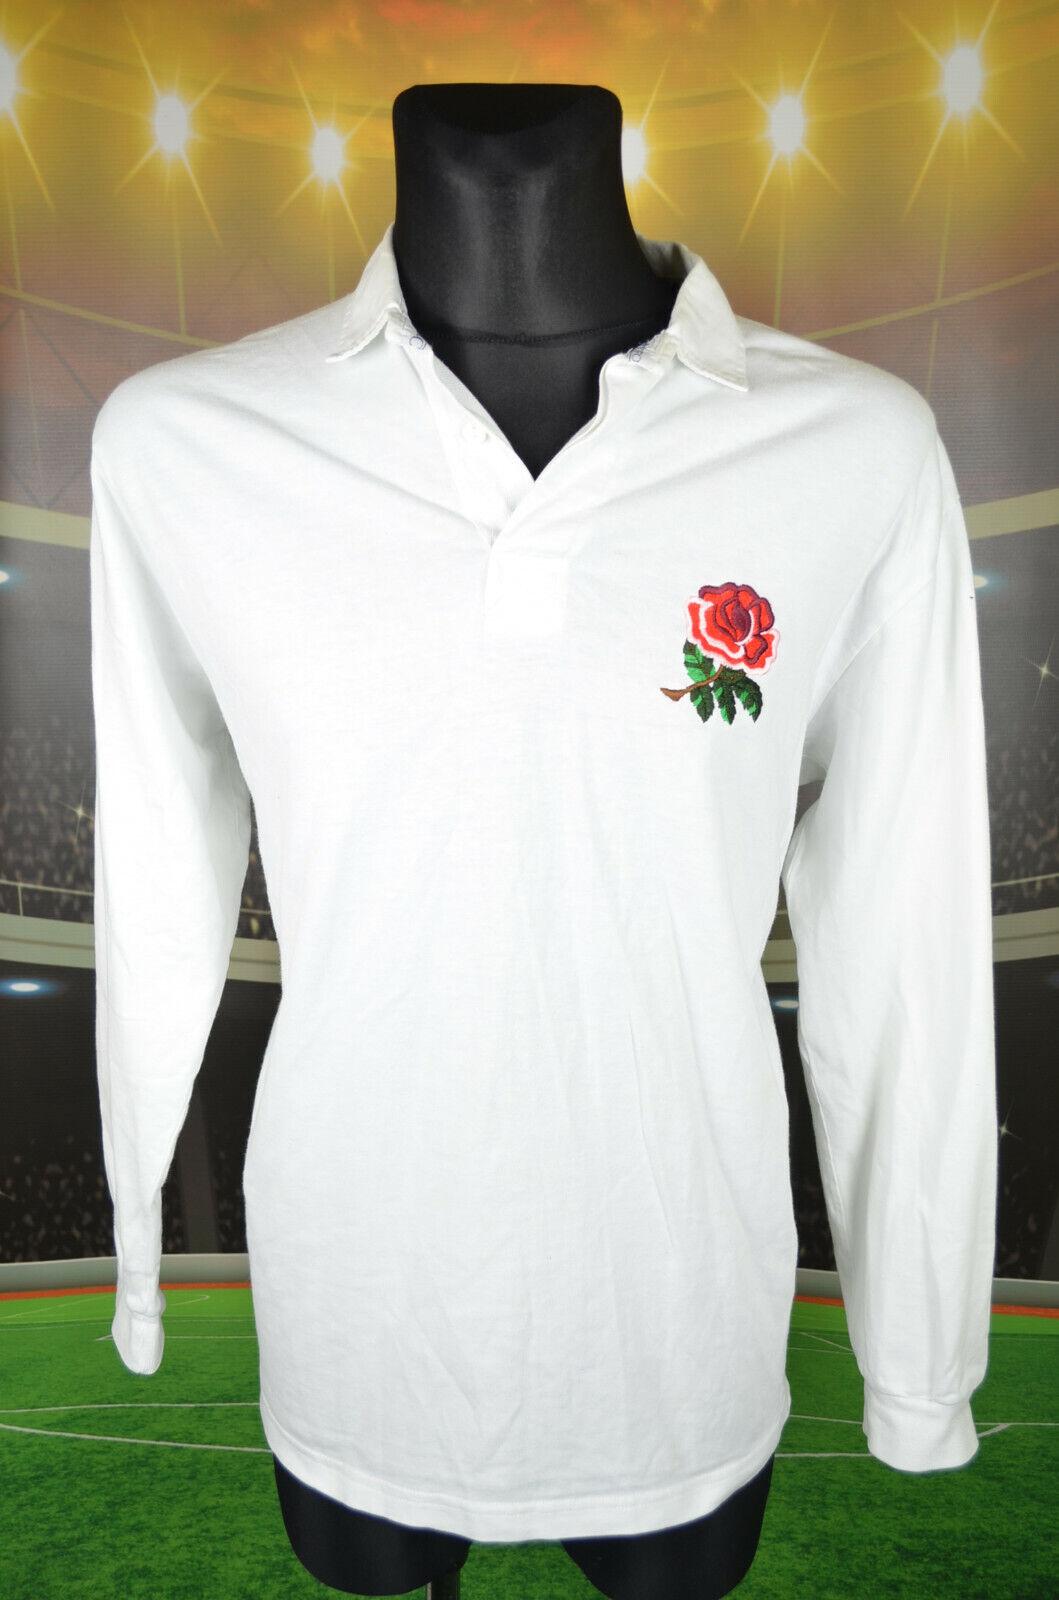 Engle Cotone Oxford Da Uomo Rugby Footbtutti Shirt (L) (L) (L) Top in jersey trikot maglia d31